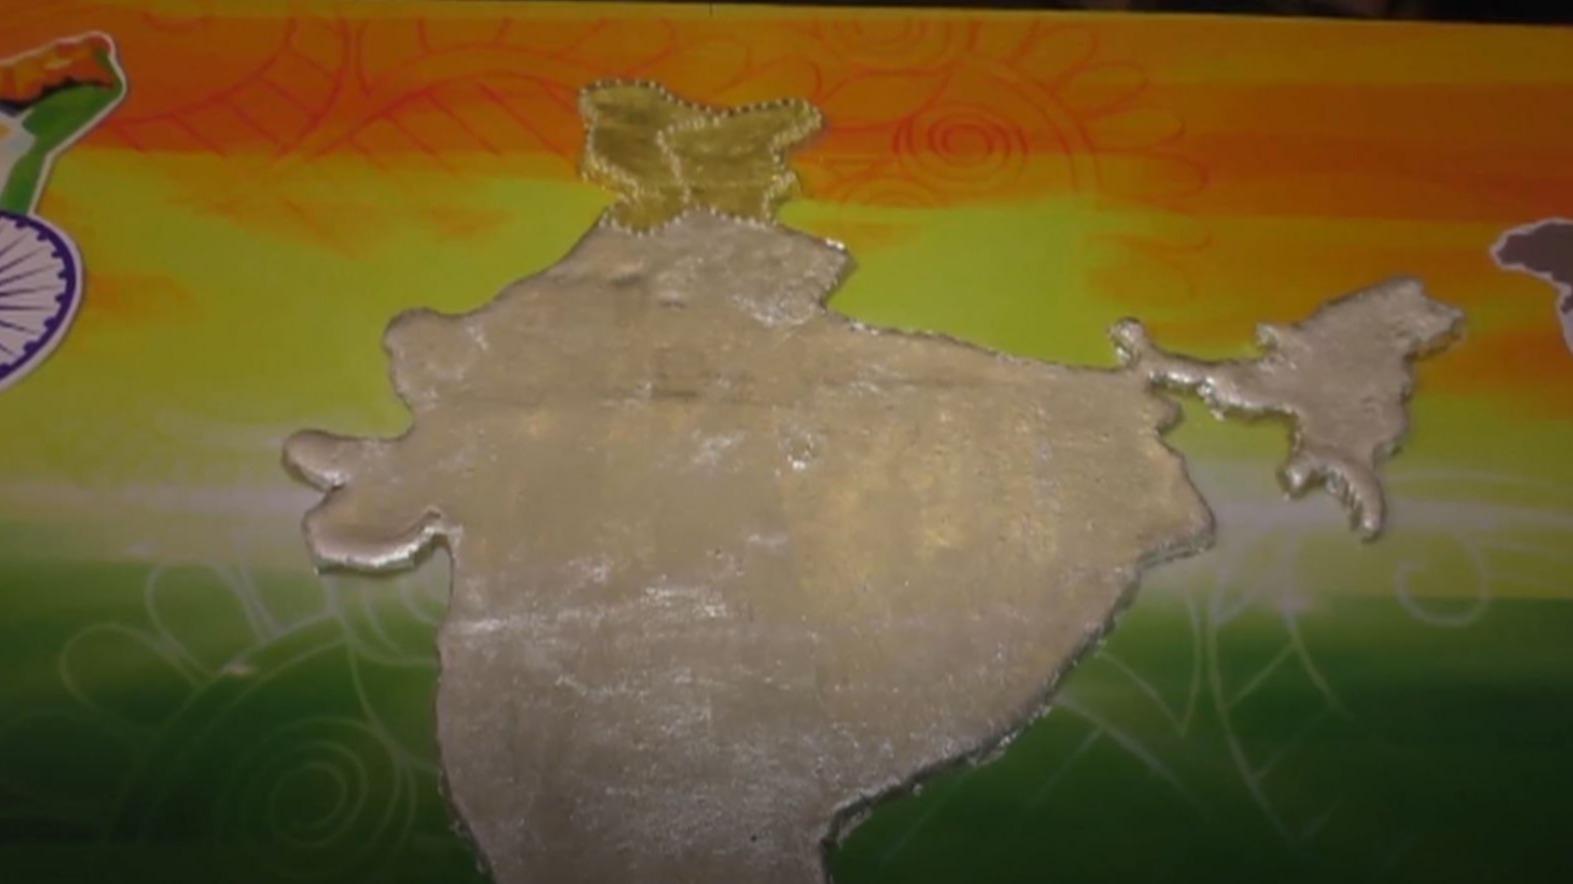 आप भी चखेंगे भारत के नक्शे वाली स्पेशल मिठाई?